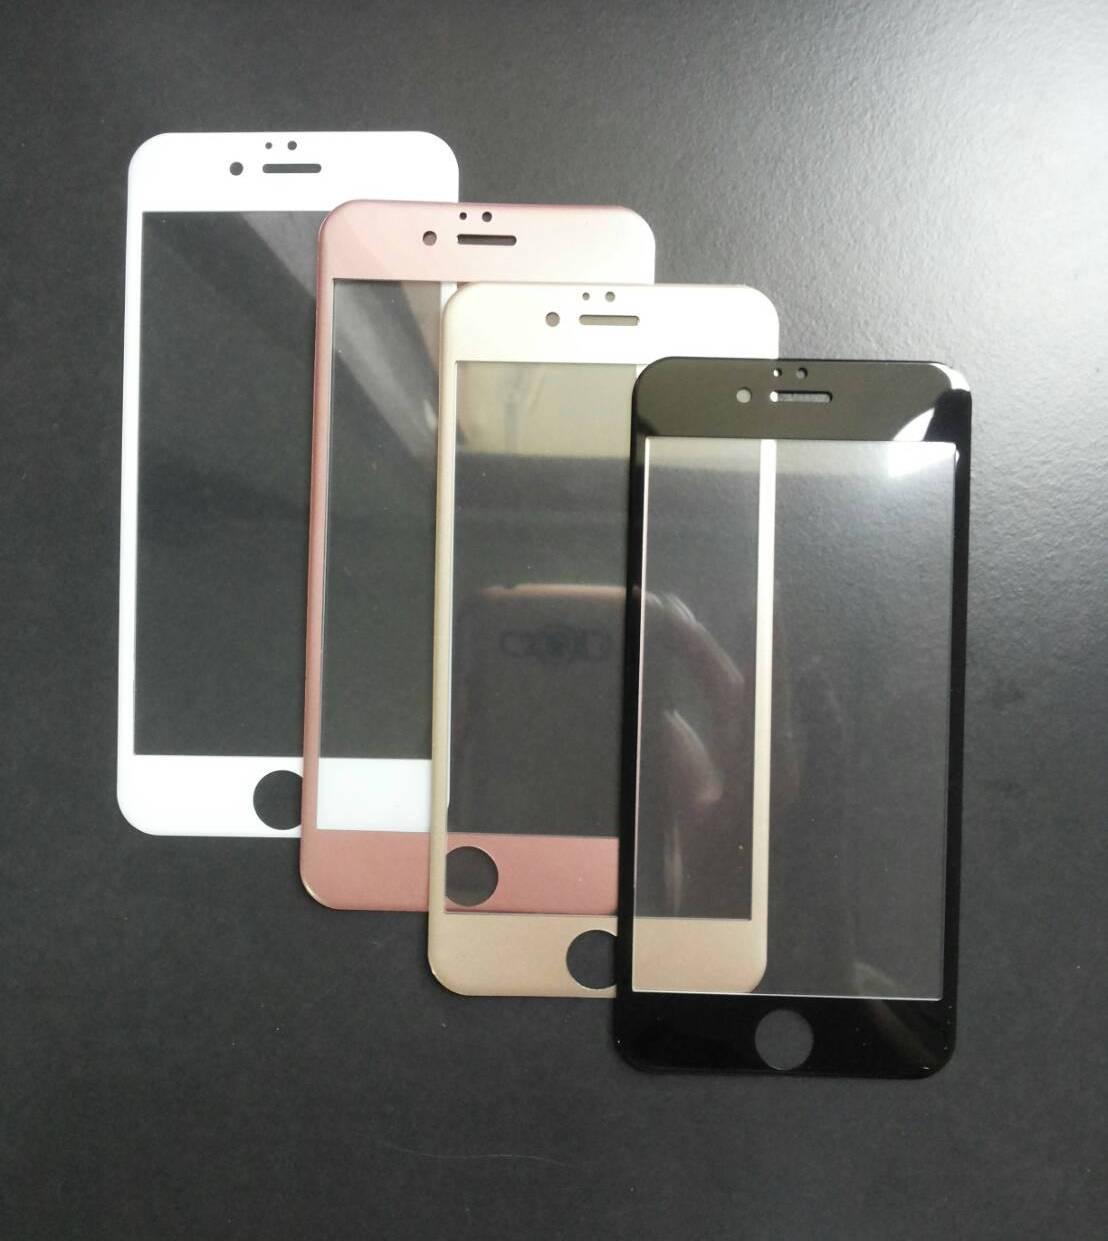 ฟิล์มกระจกนิรภัยเต็มจอขอบโค้งลงมุม iphone6/6s